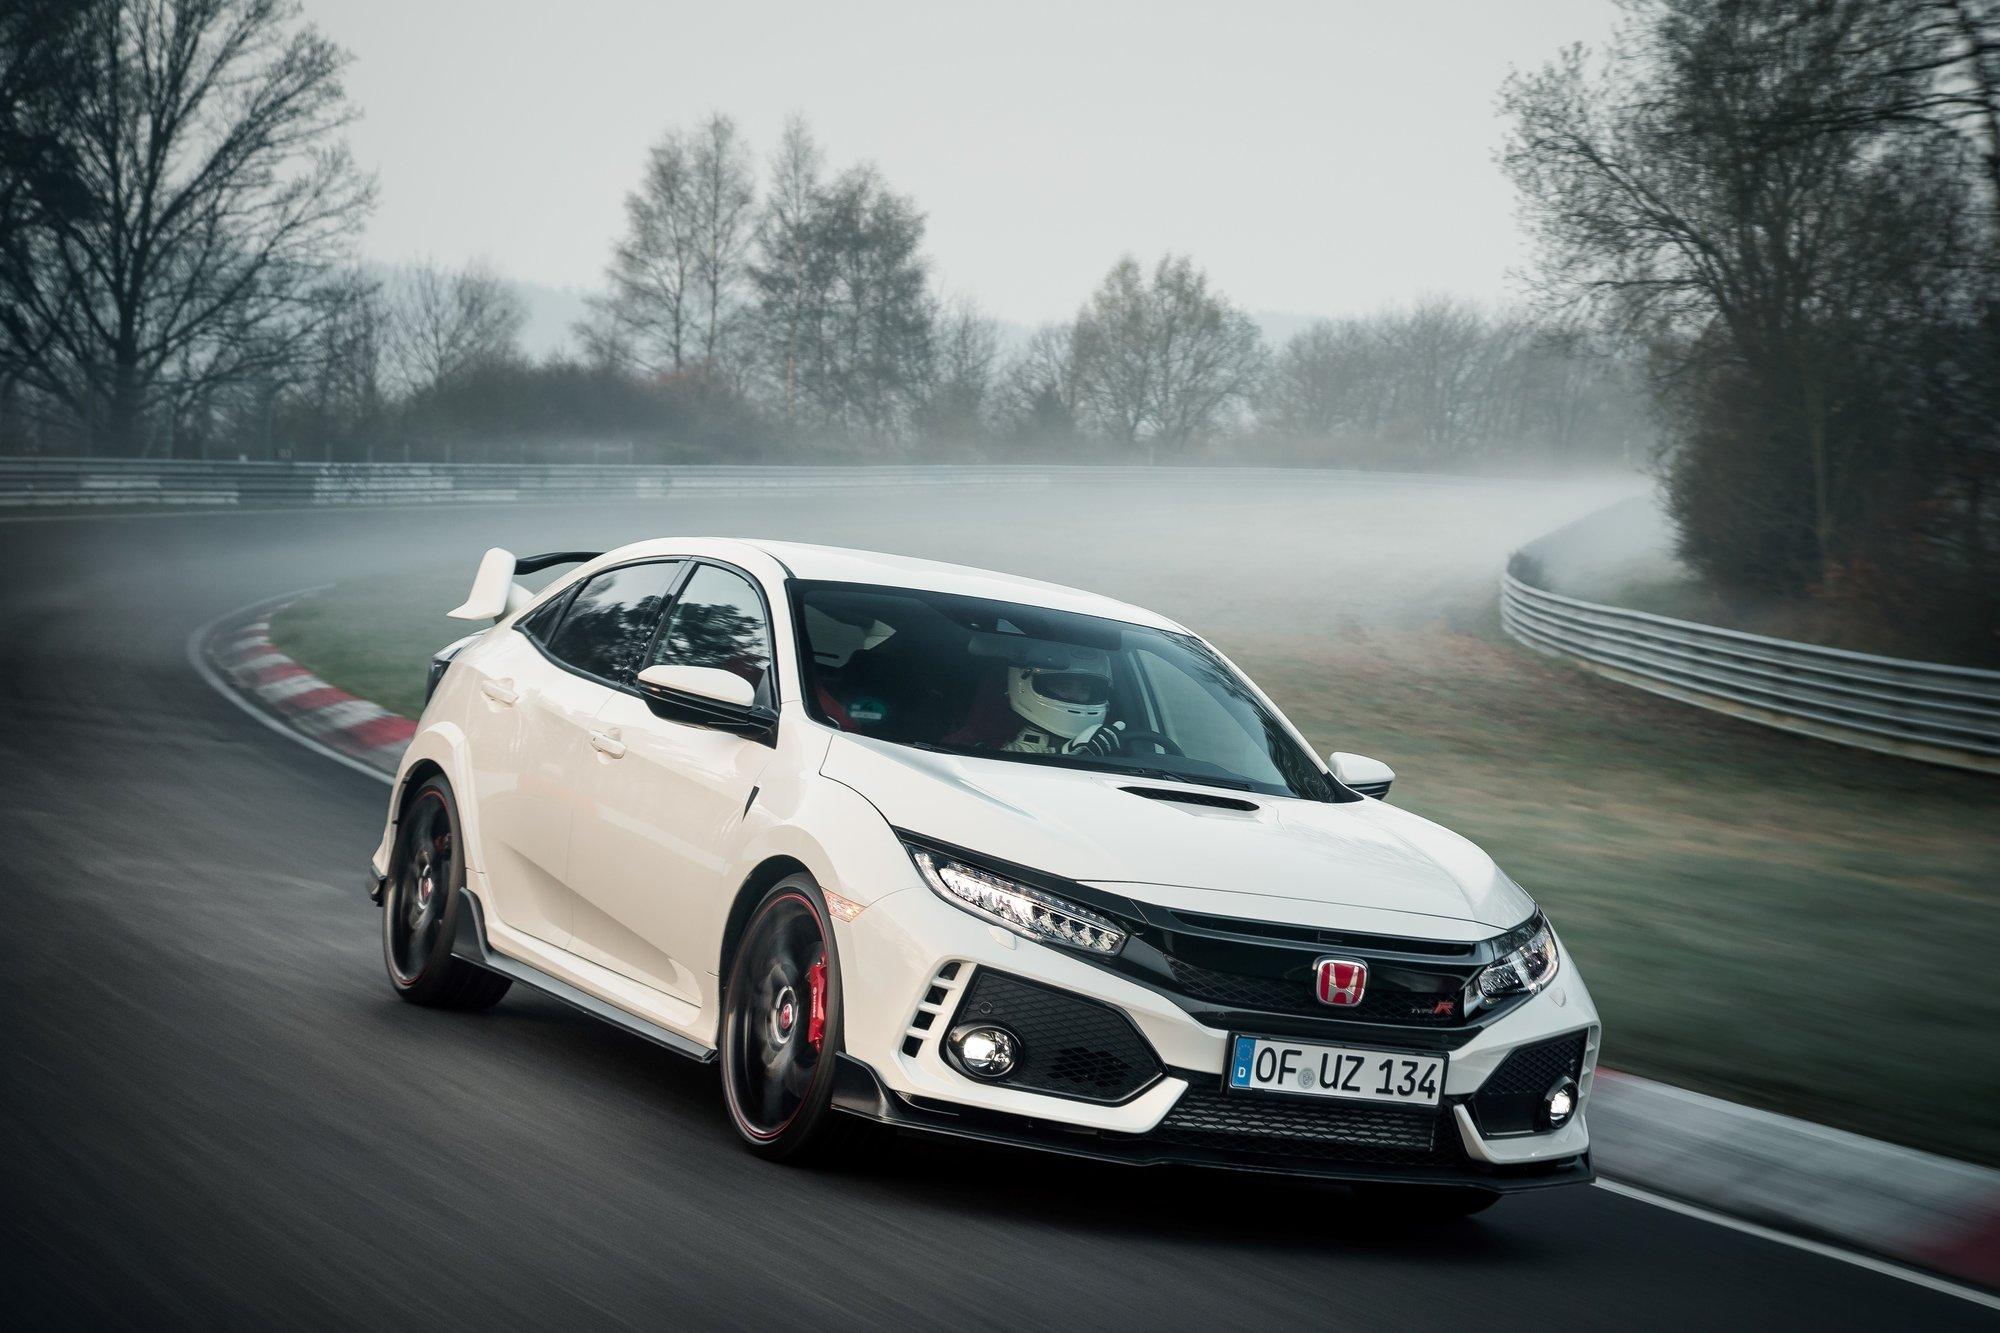 Fotografie č. 19 u článku Honda Civic Type R sbírá další vavříny 72ec11fd42